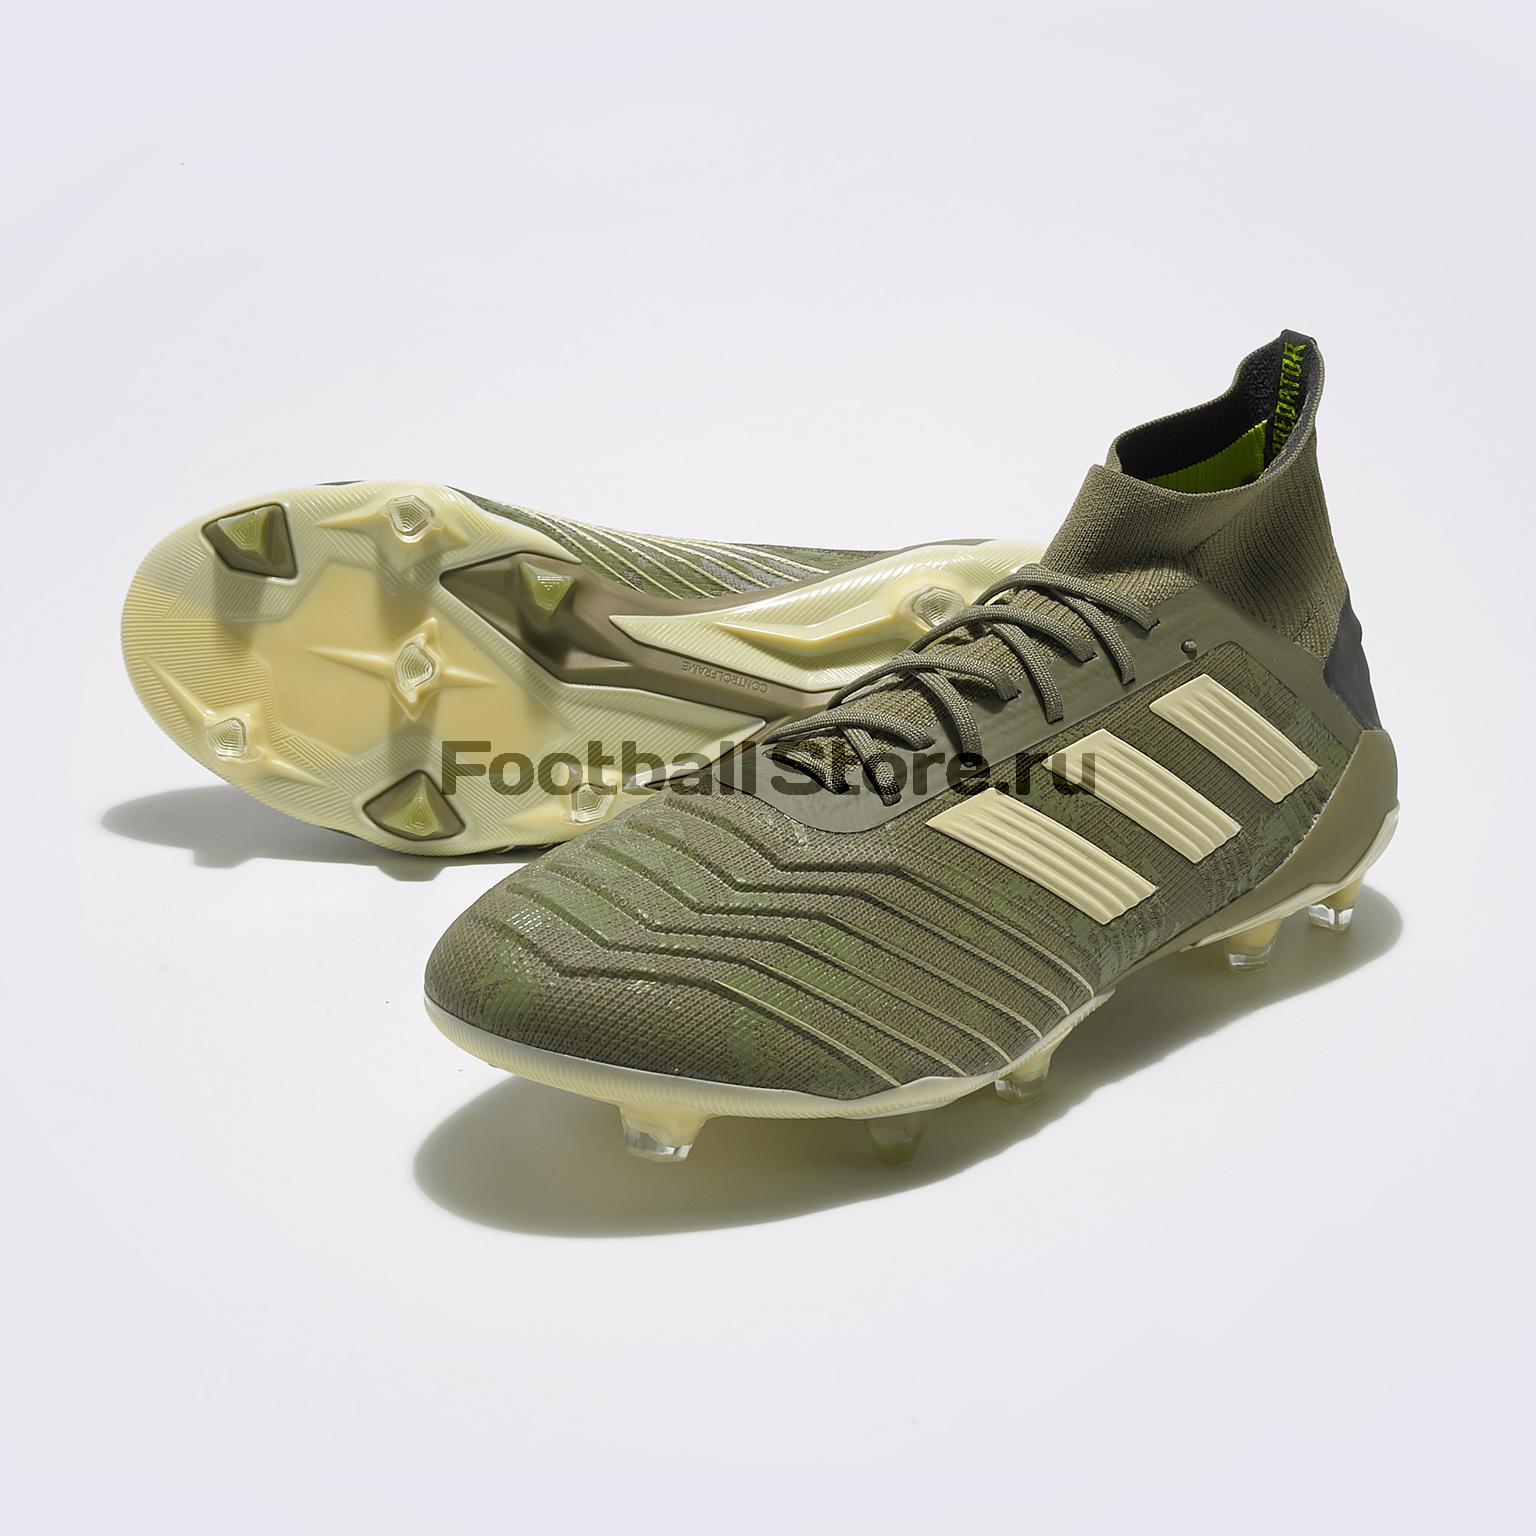 Бутсы Adidas Predator 19.1 FG EF8205 бутсы adidas predator 18 3 fg db2001